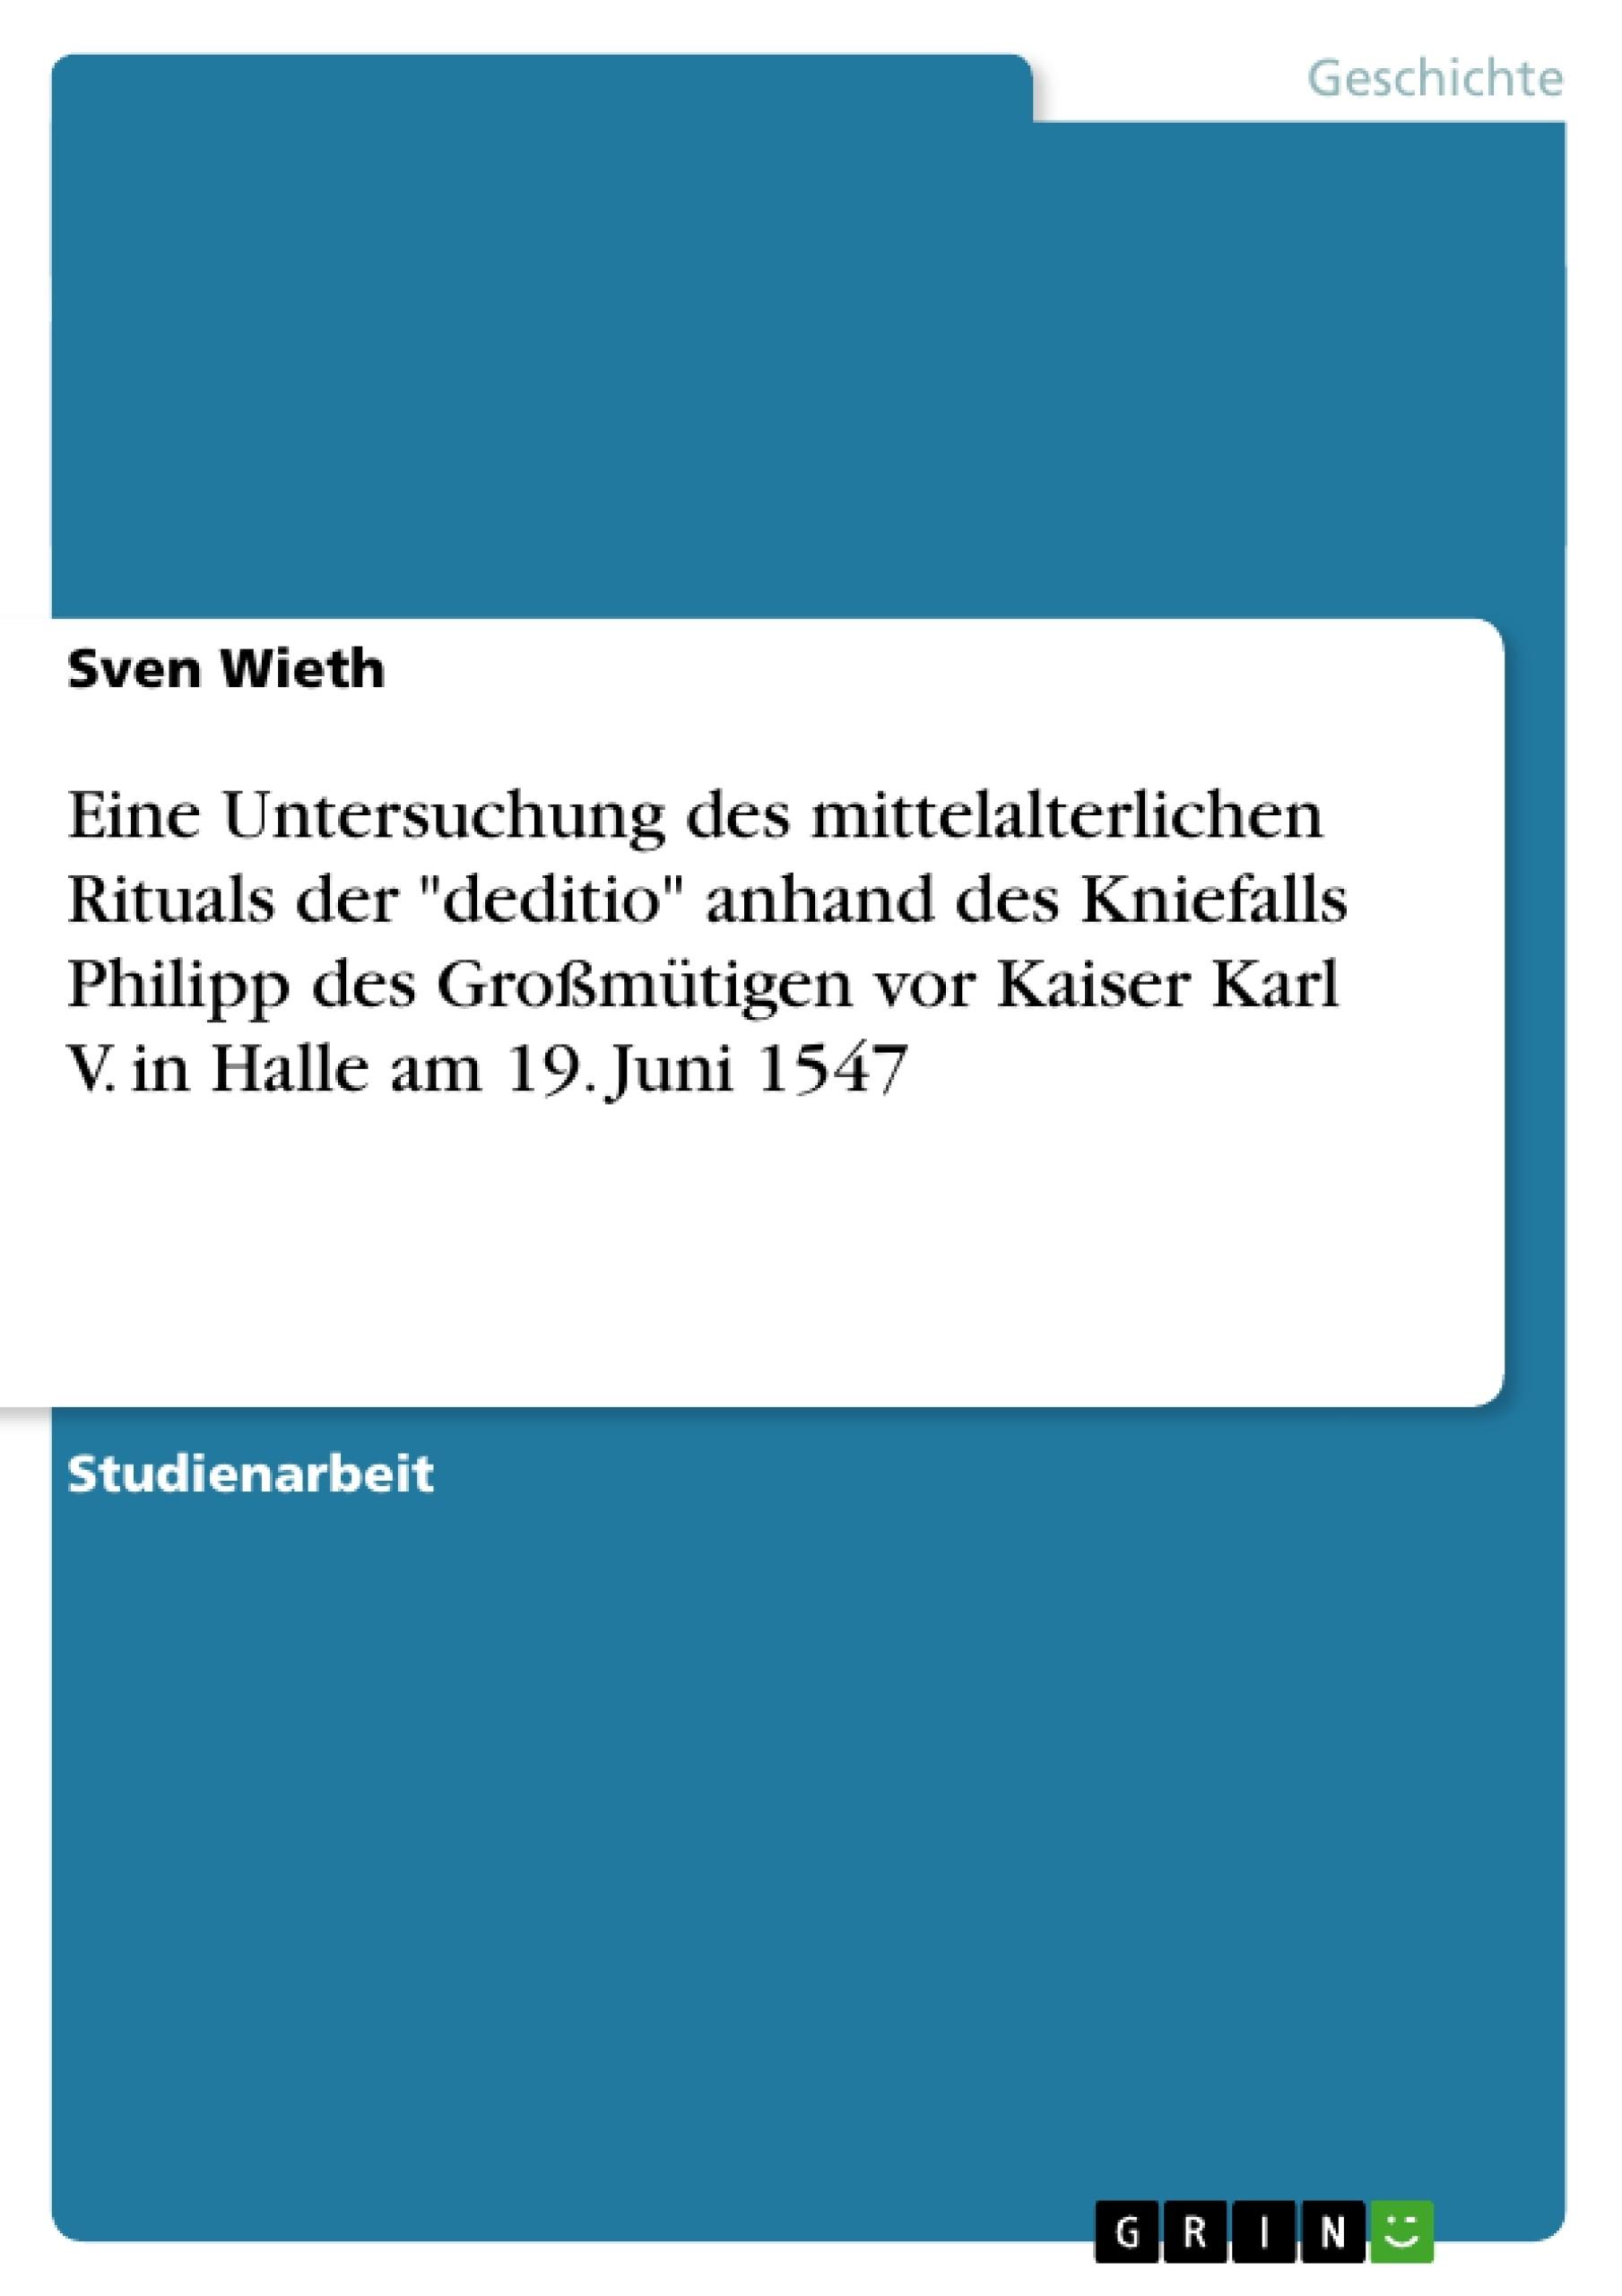 """Titel: Eine Untersuchung des mittelalterlichen Rituals der """"deditio"""" anhand des Kniefalls Philipp des Großmütigen vor Kaiser Karl V. in Halle am 19. Juni 1547"""